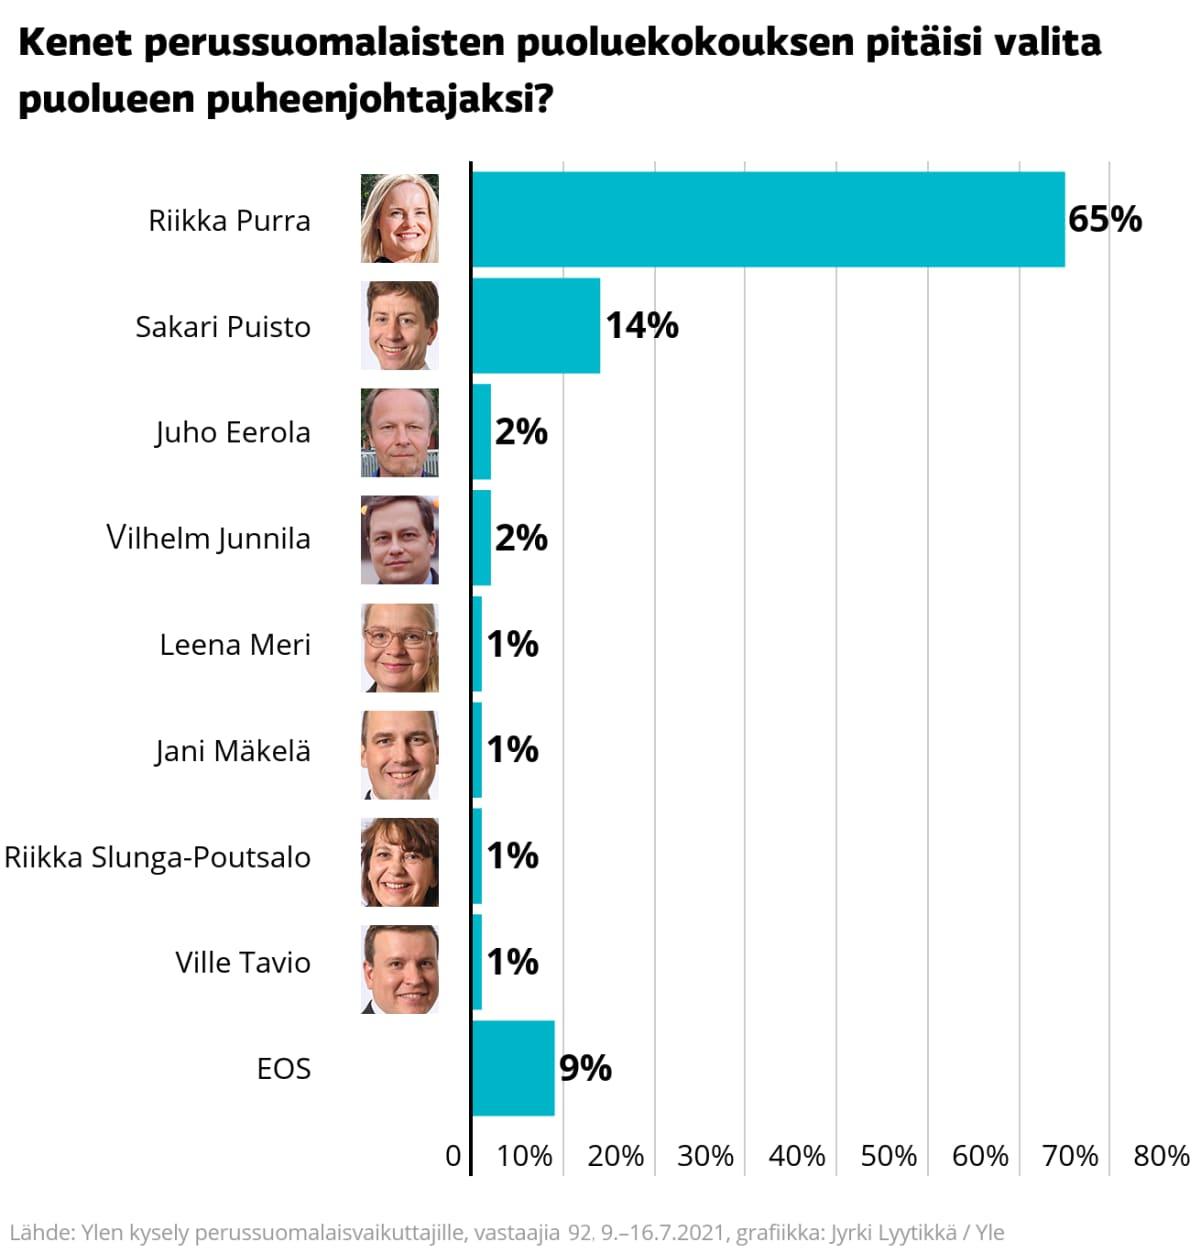 Perussuomalaisten puheenjohtajavaihtoehdot. Riikka Purra suosituin.